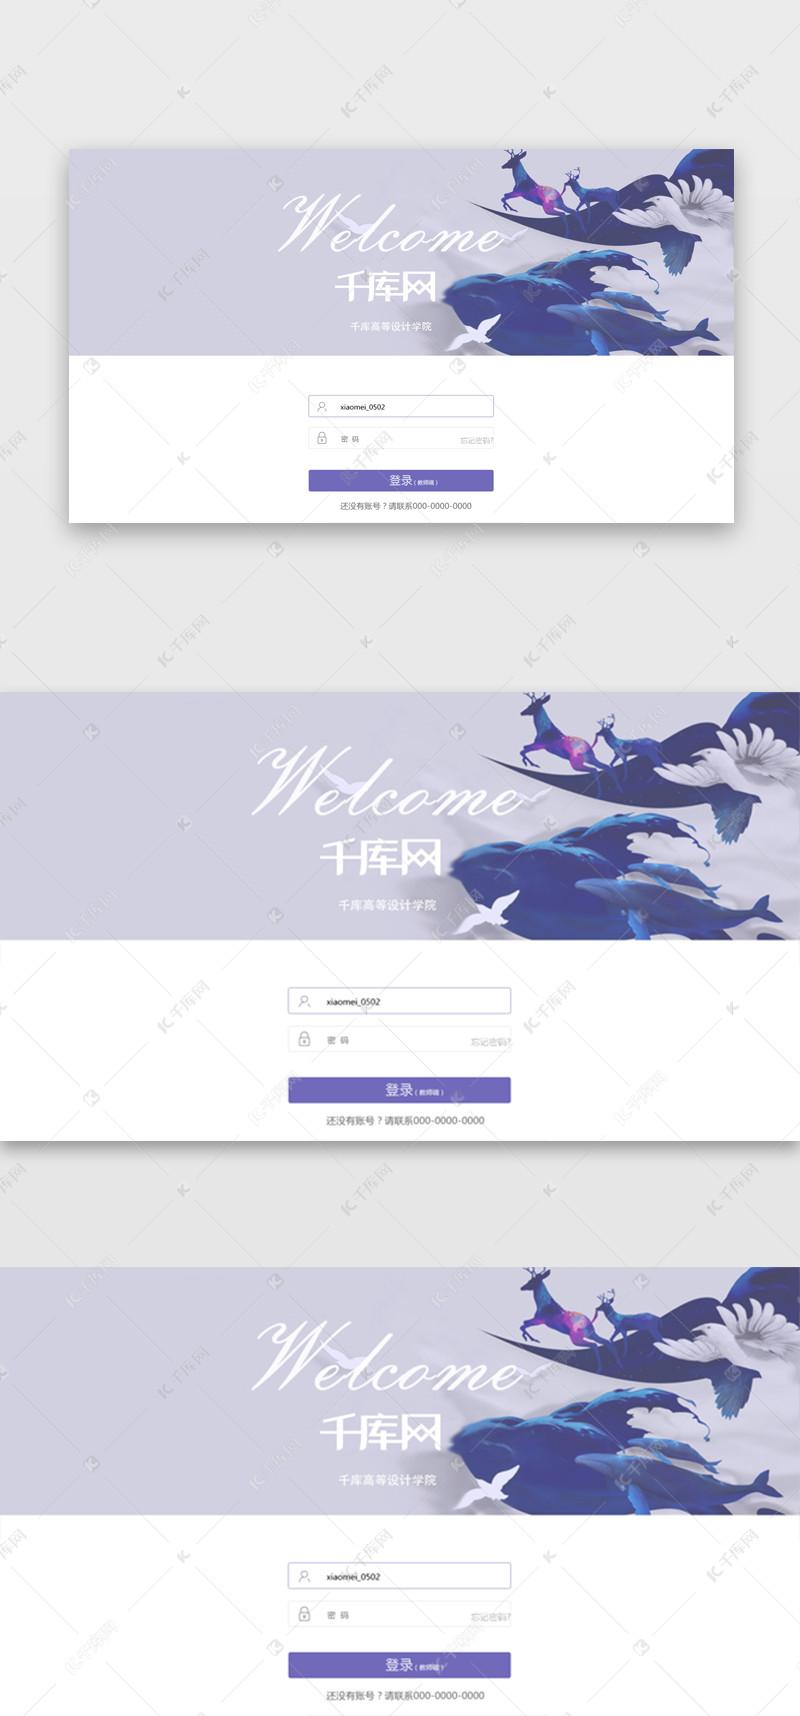 页面系唯美文蓝色设计公司注册登录艺风ui设计烟台博雅广告设计网站图片